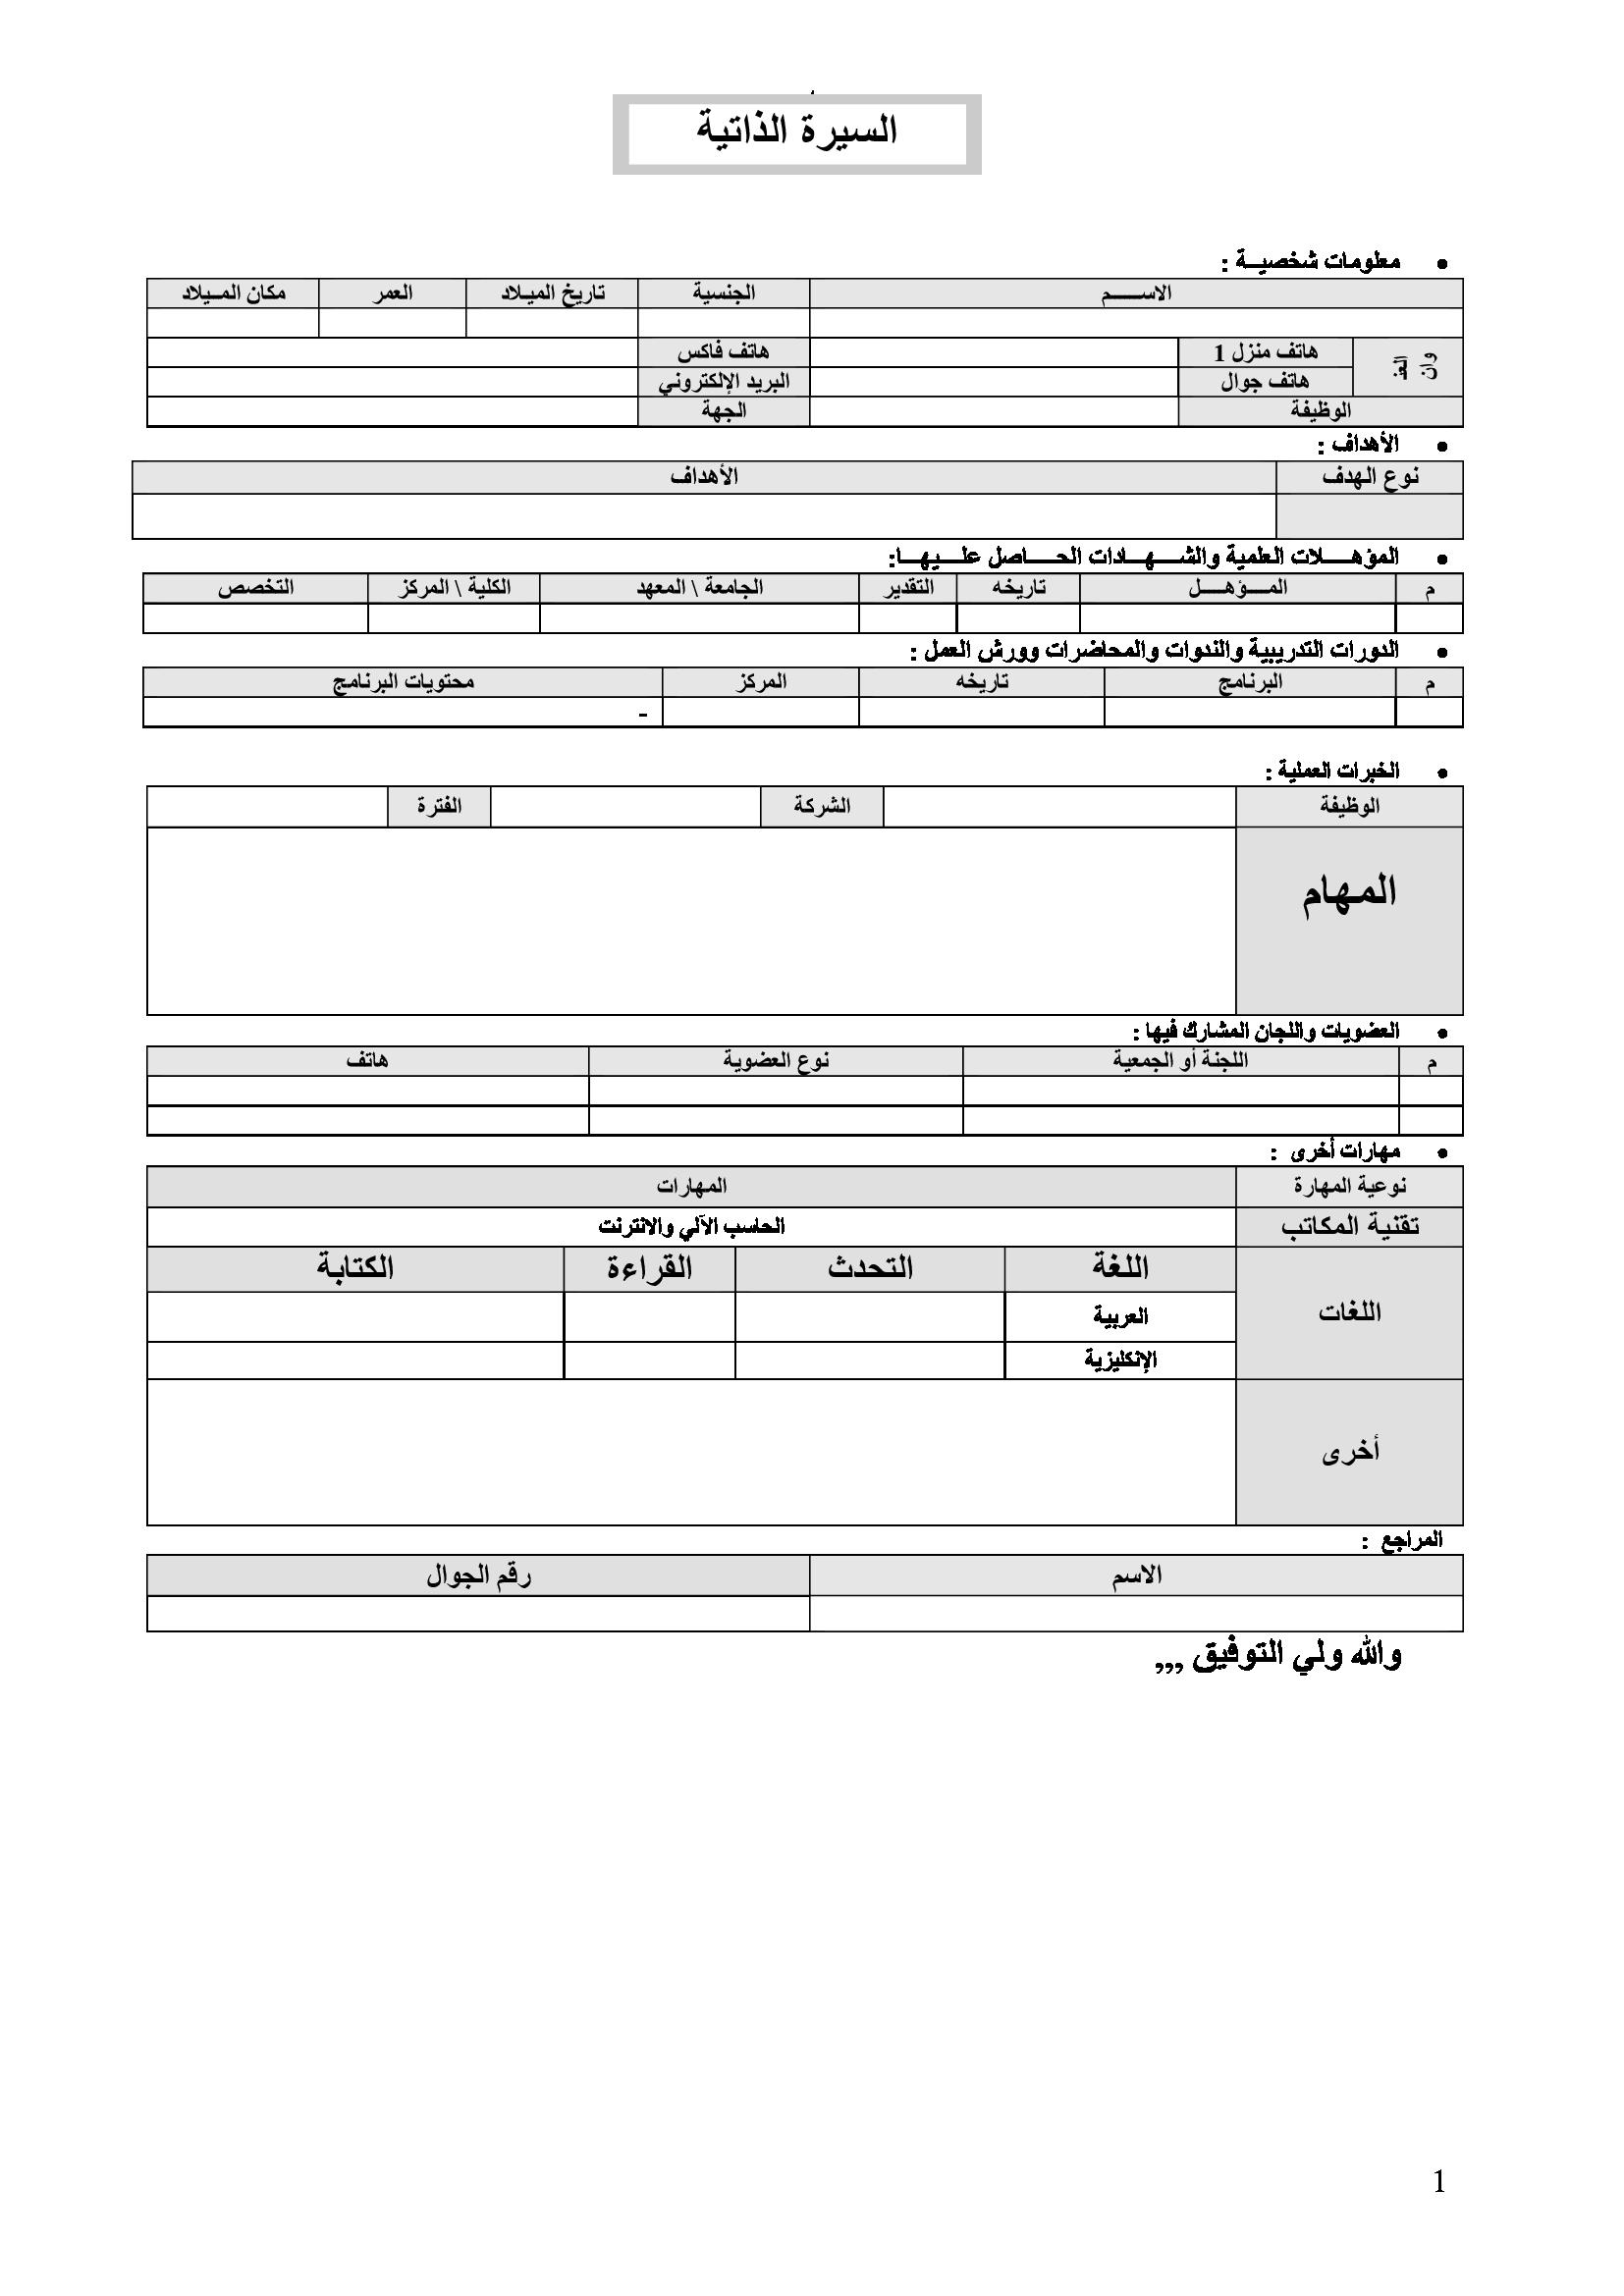 نموذج السيرة الذاتية فارغ جاهز للتعبئة باللغة العربية لتقديم طلبات التوظيف منتدى معلمي الاردن